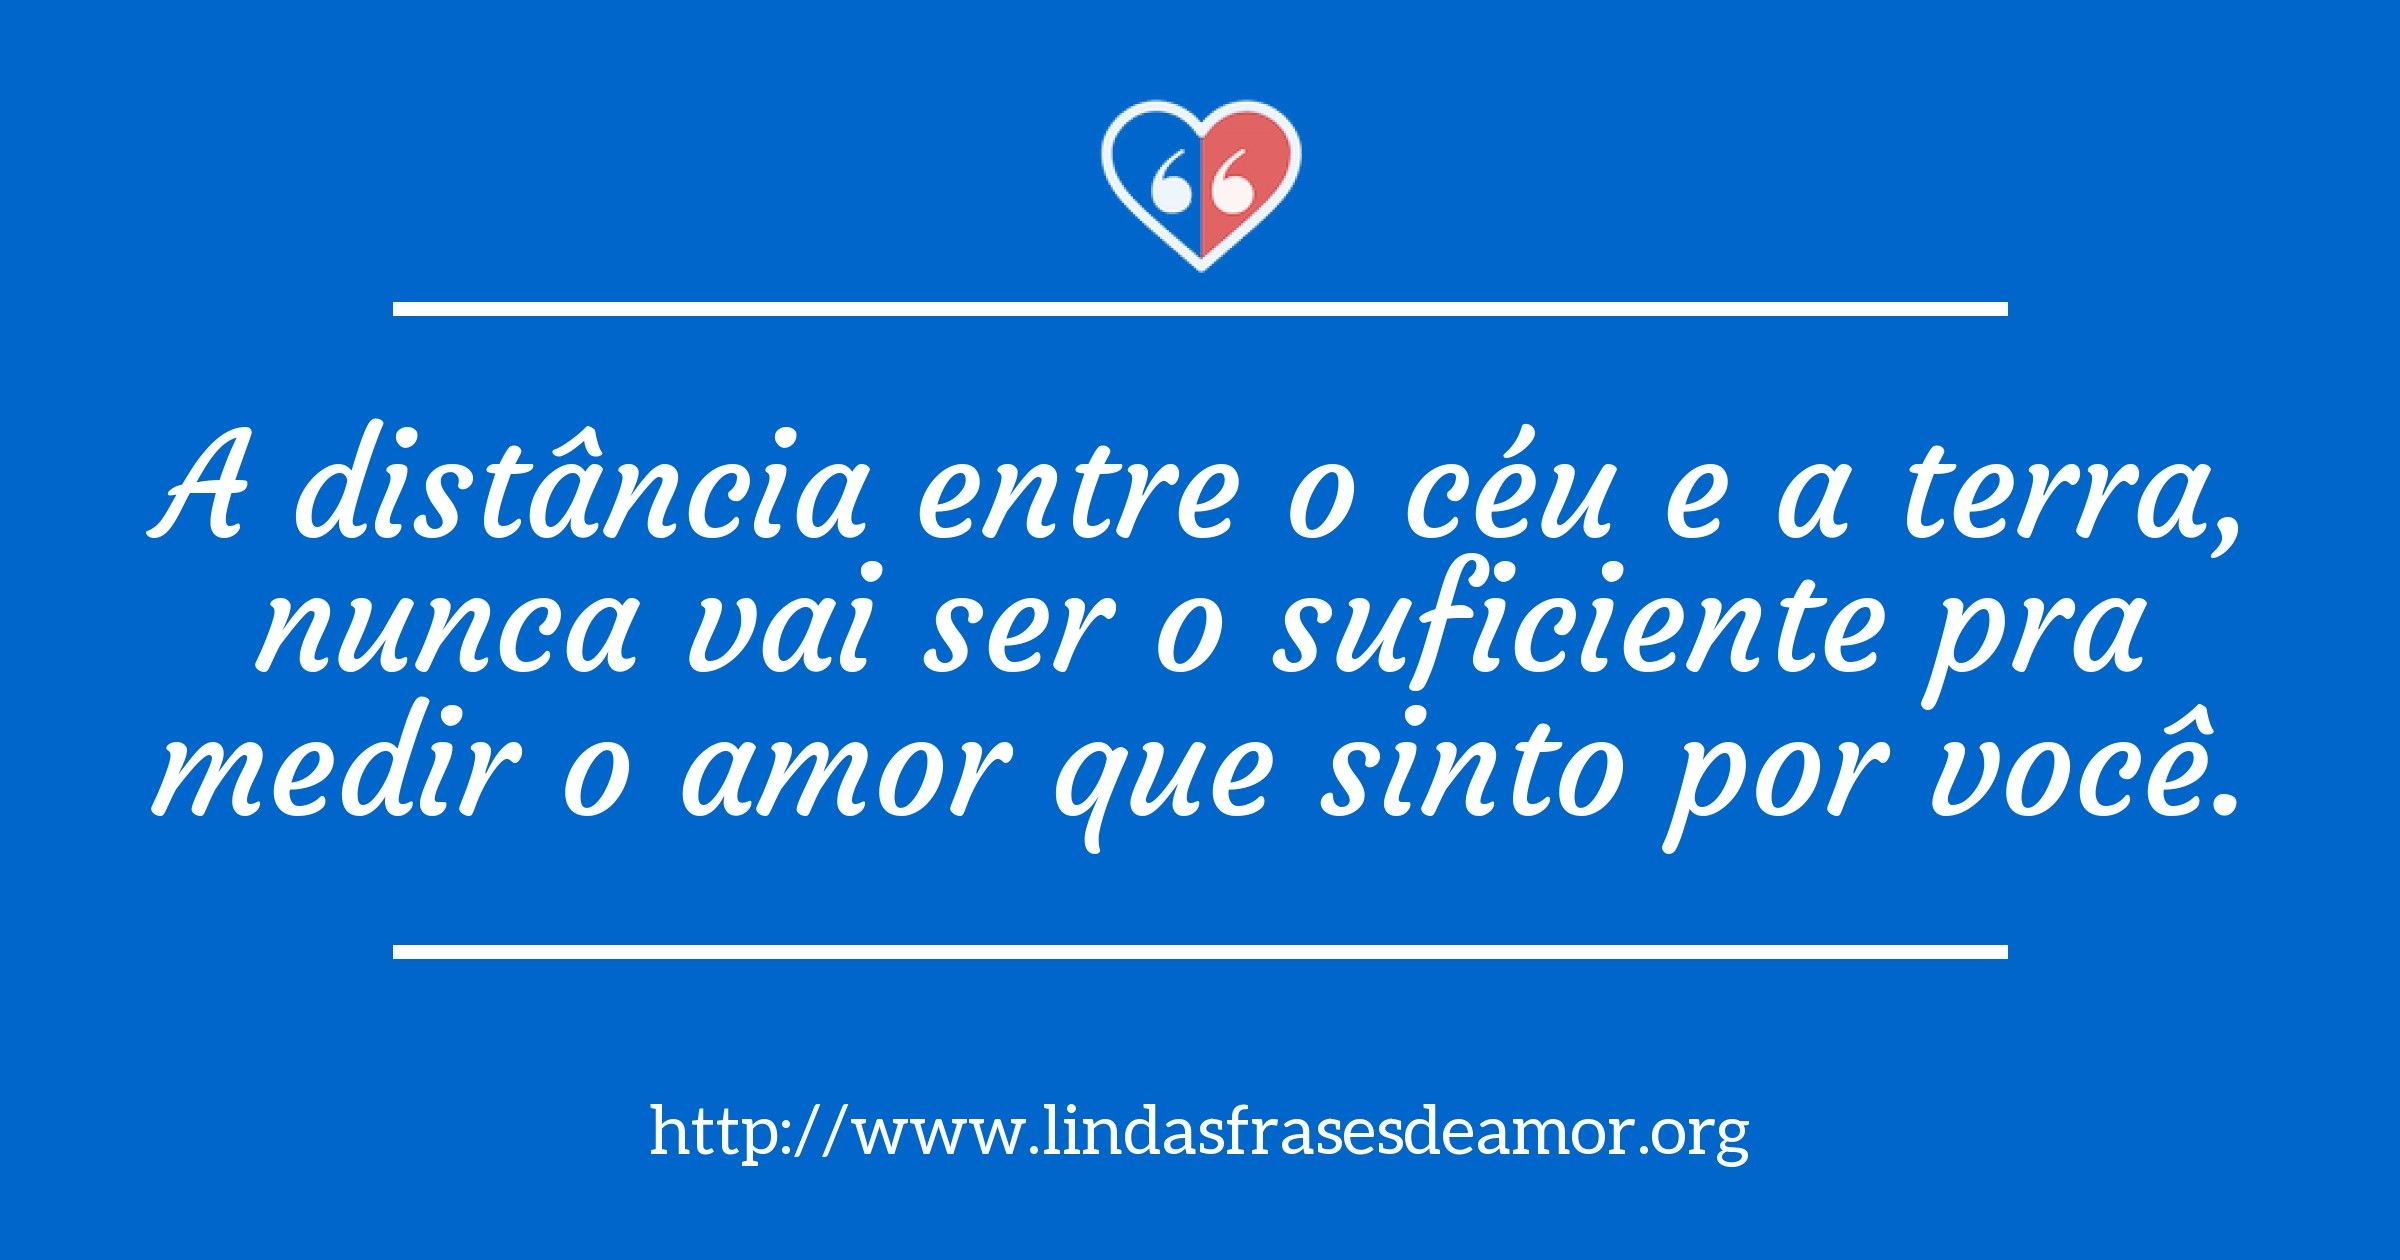 Pin De Padrecarlinhosscj Em Frases Frases De Amor Mensagens De